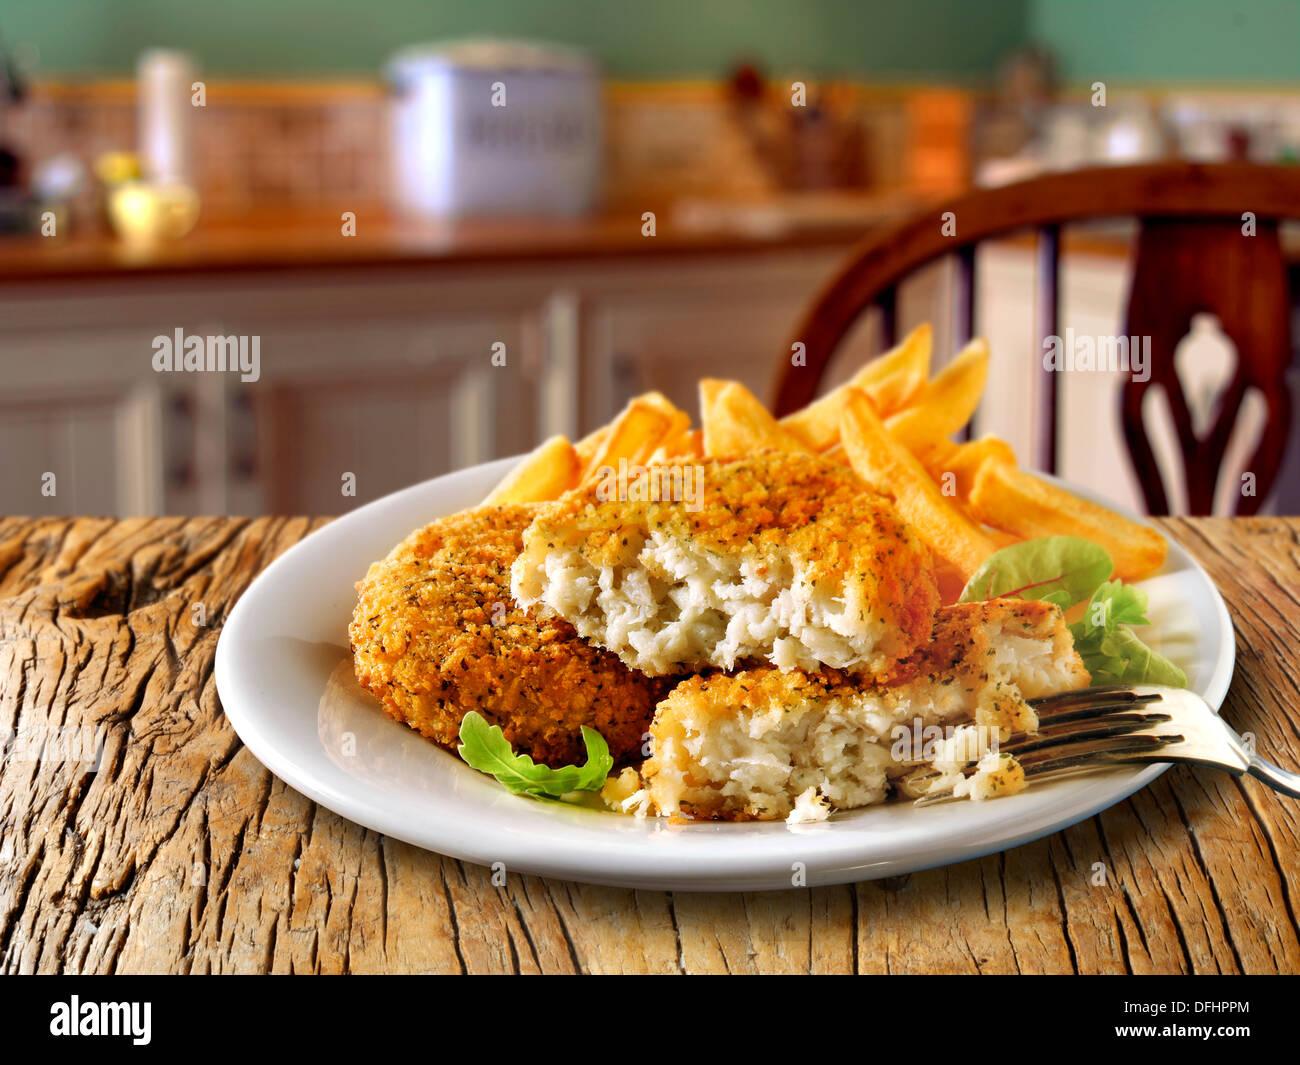 La nourriture - Gâteau de poisson pané et frites Photo Stock